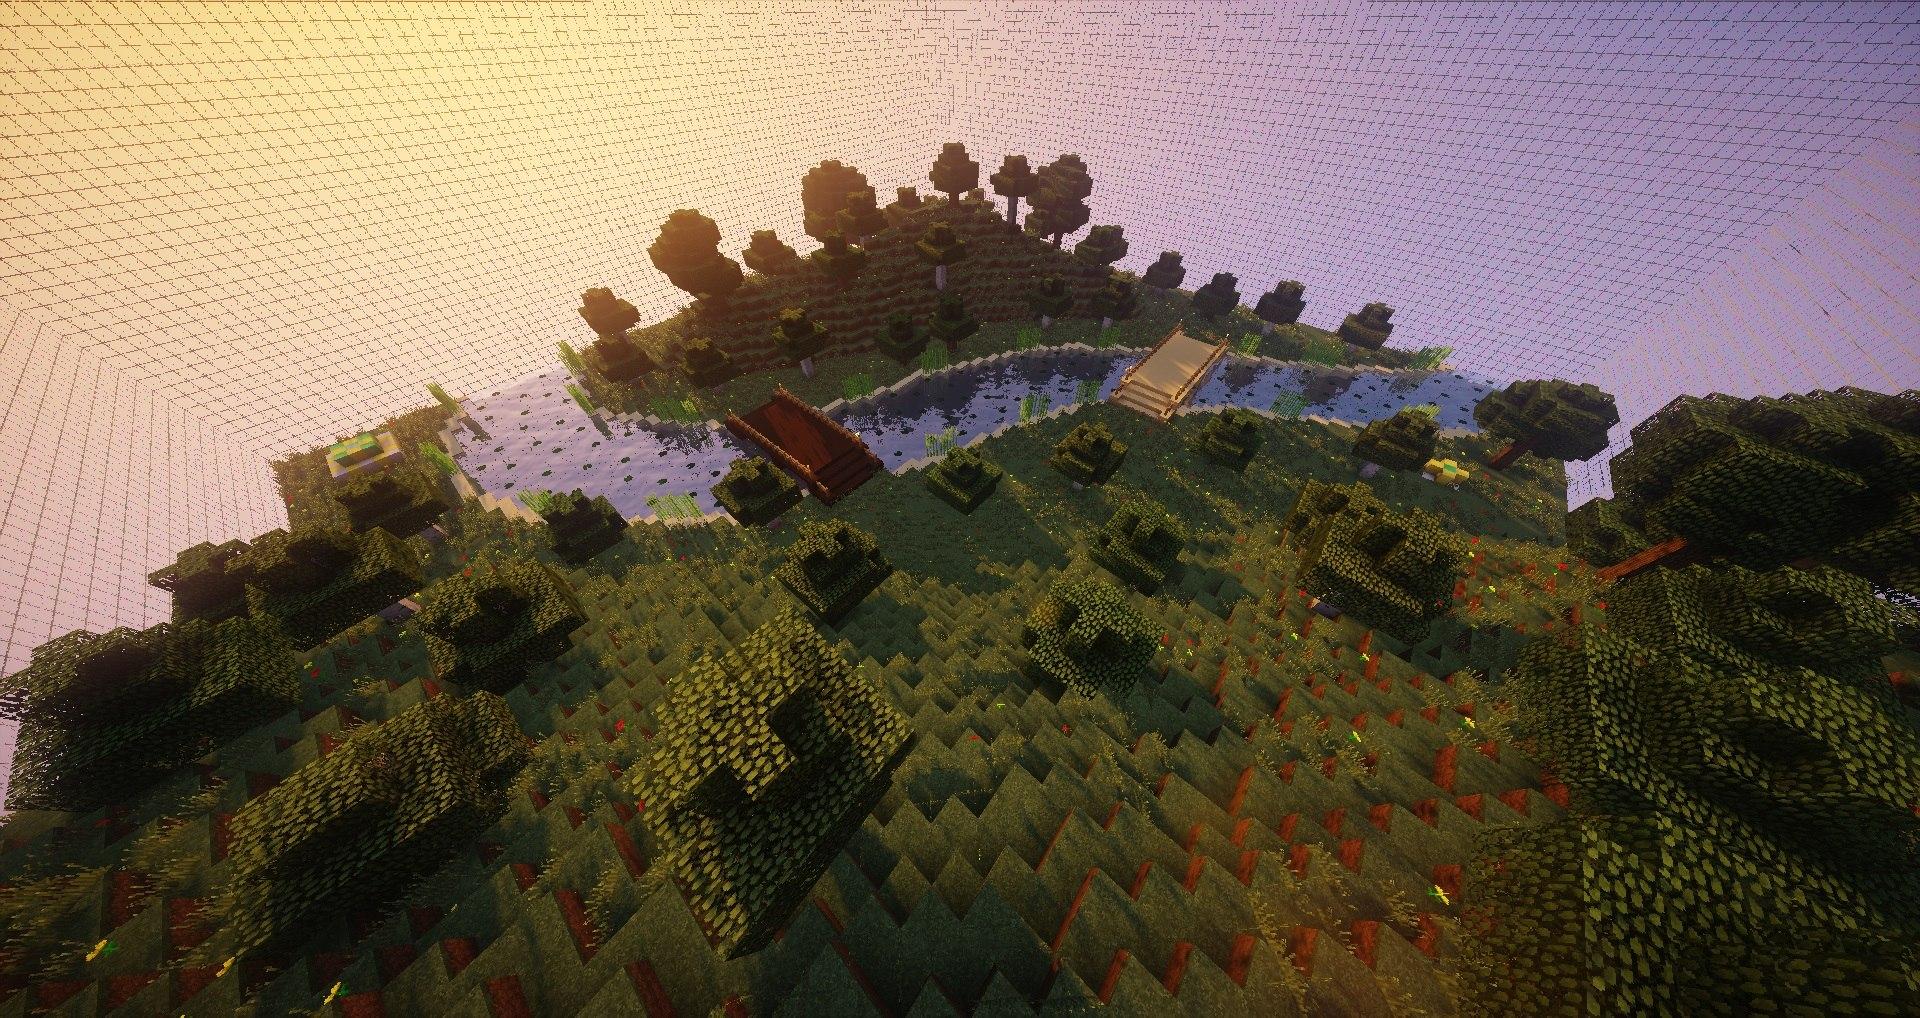 Blizniacze mosty wojny mobow 2